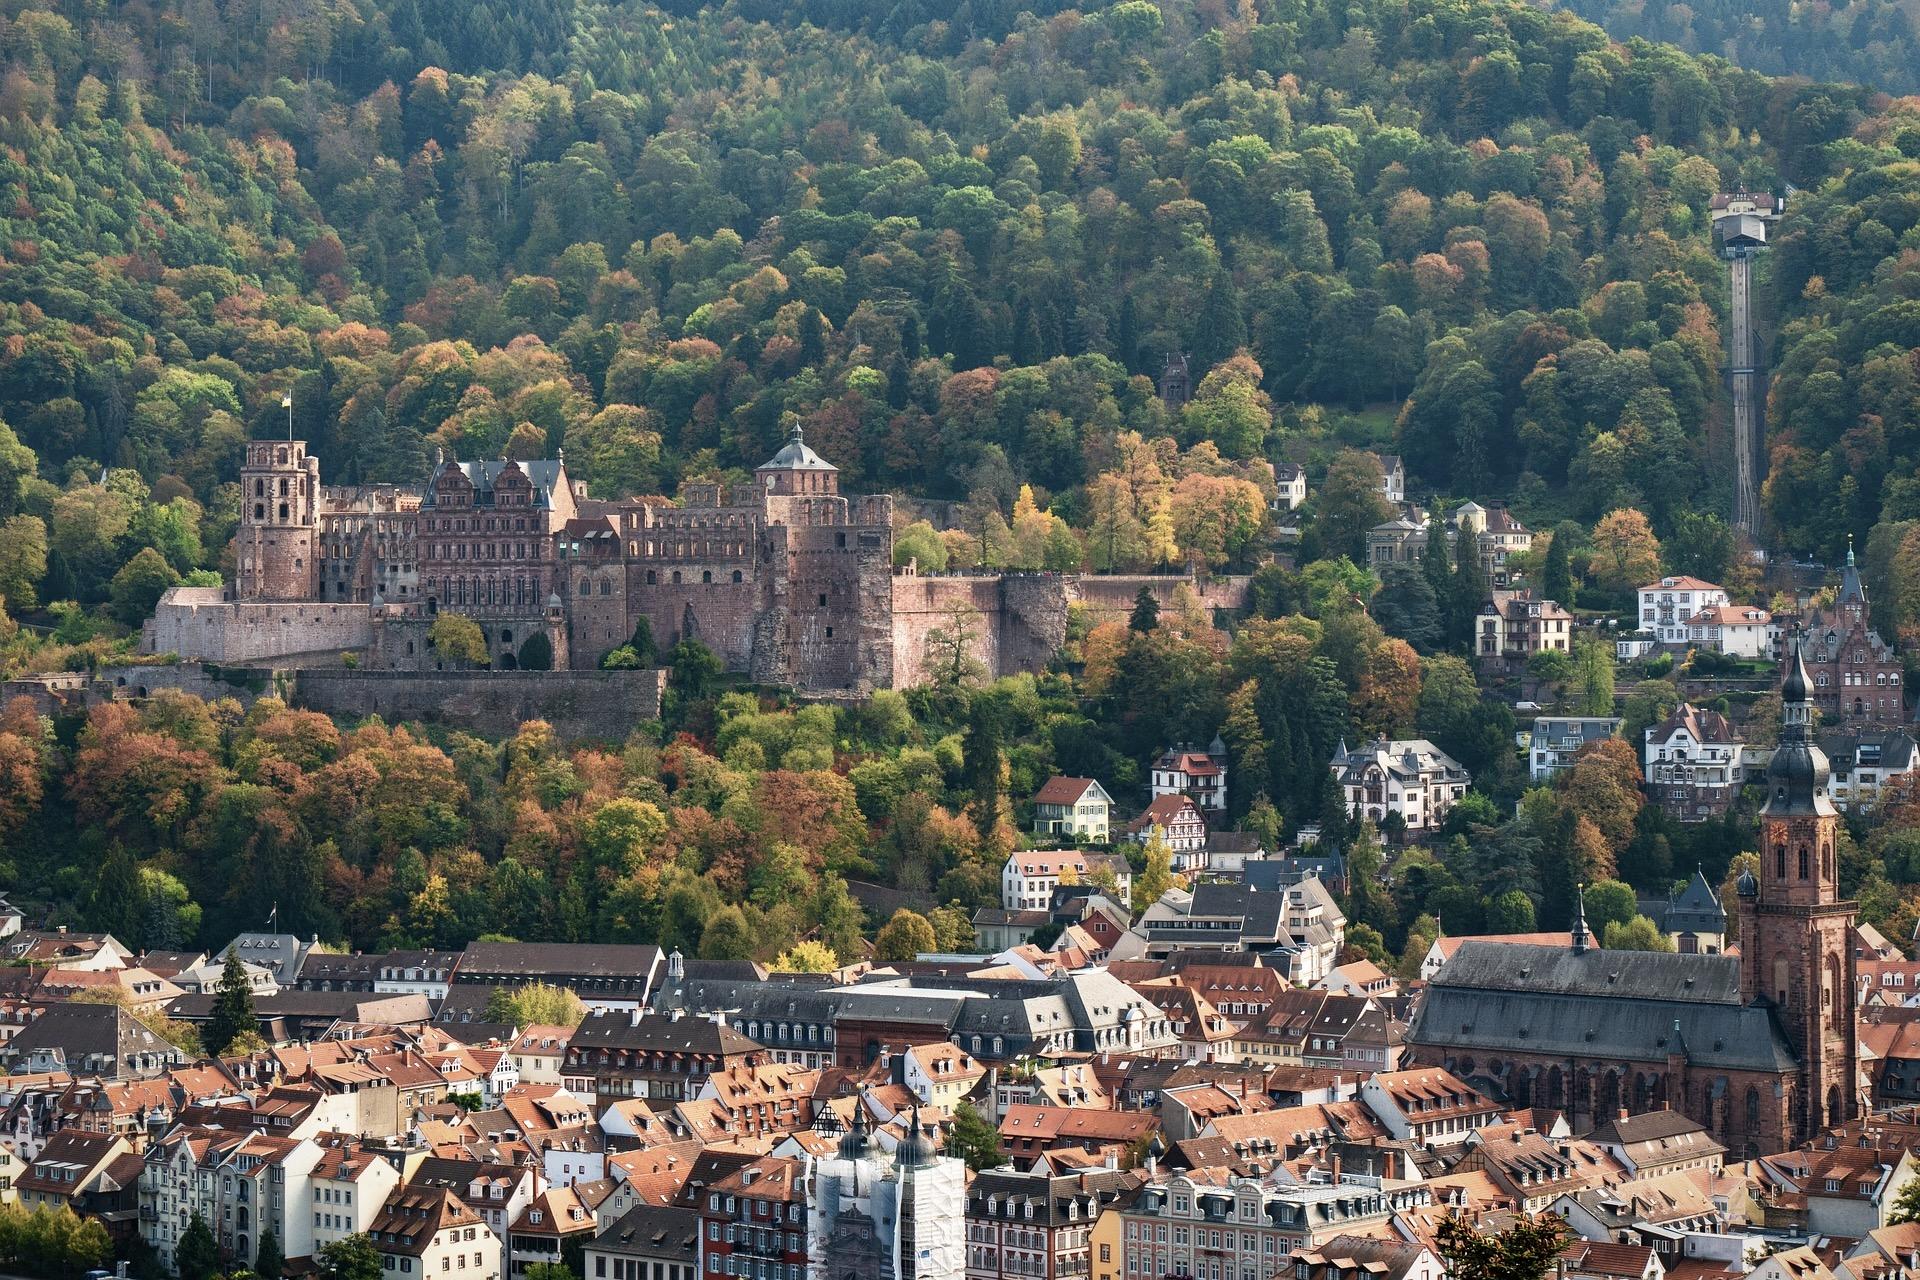 Schloss Heidelberg ist eine der meistbesuchten Sehenswürdigkeiten in Baden-Württemberg